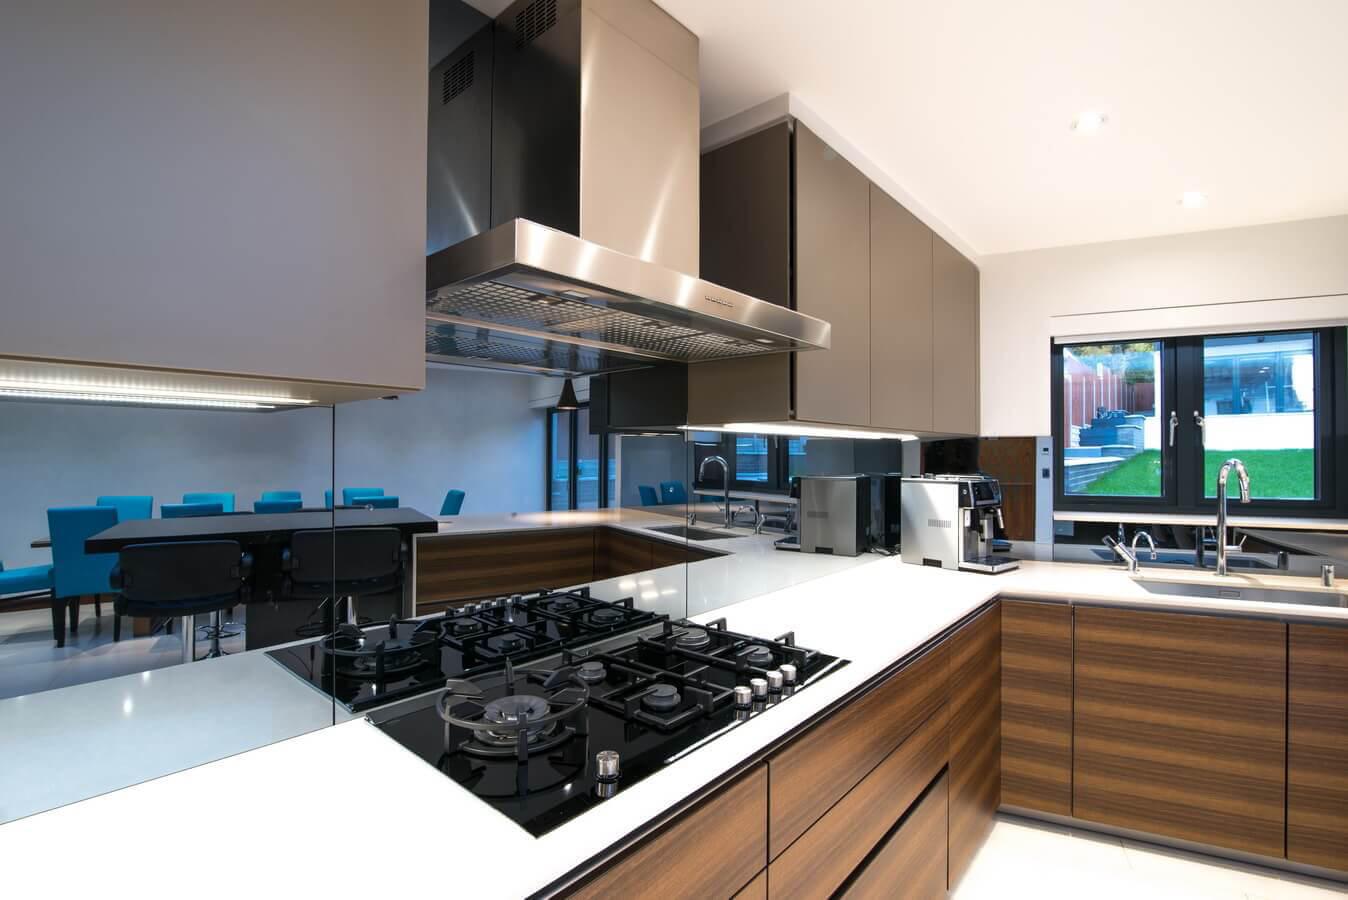 Warendorf-German-Kitchen-London-2_2.jpg